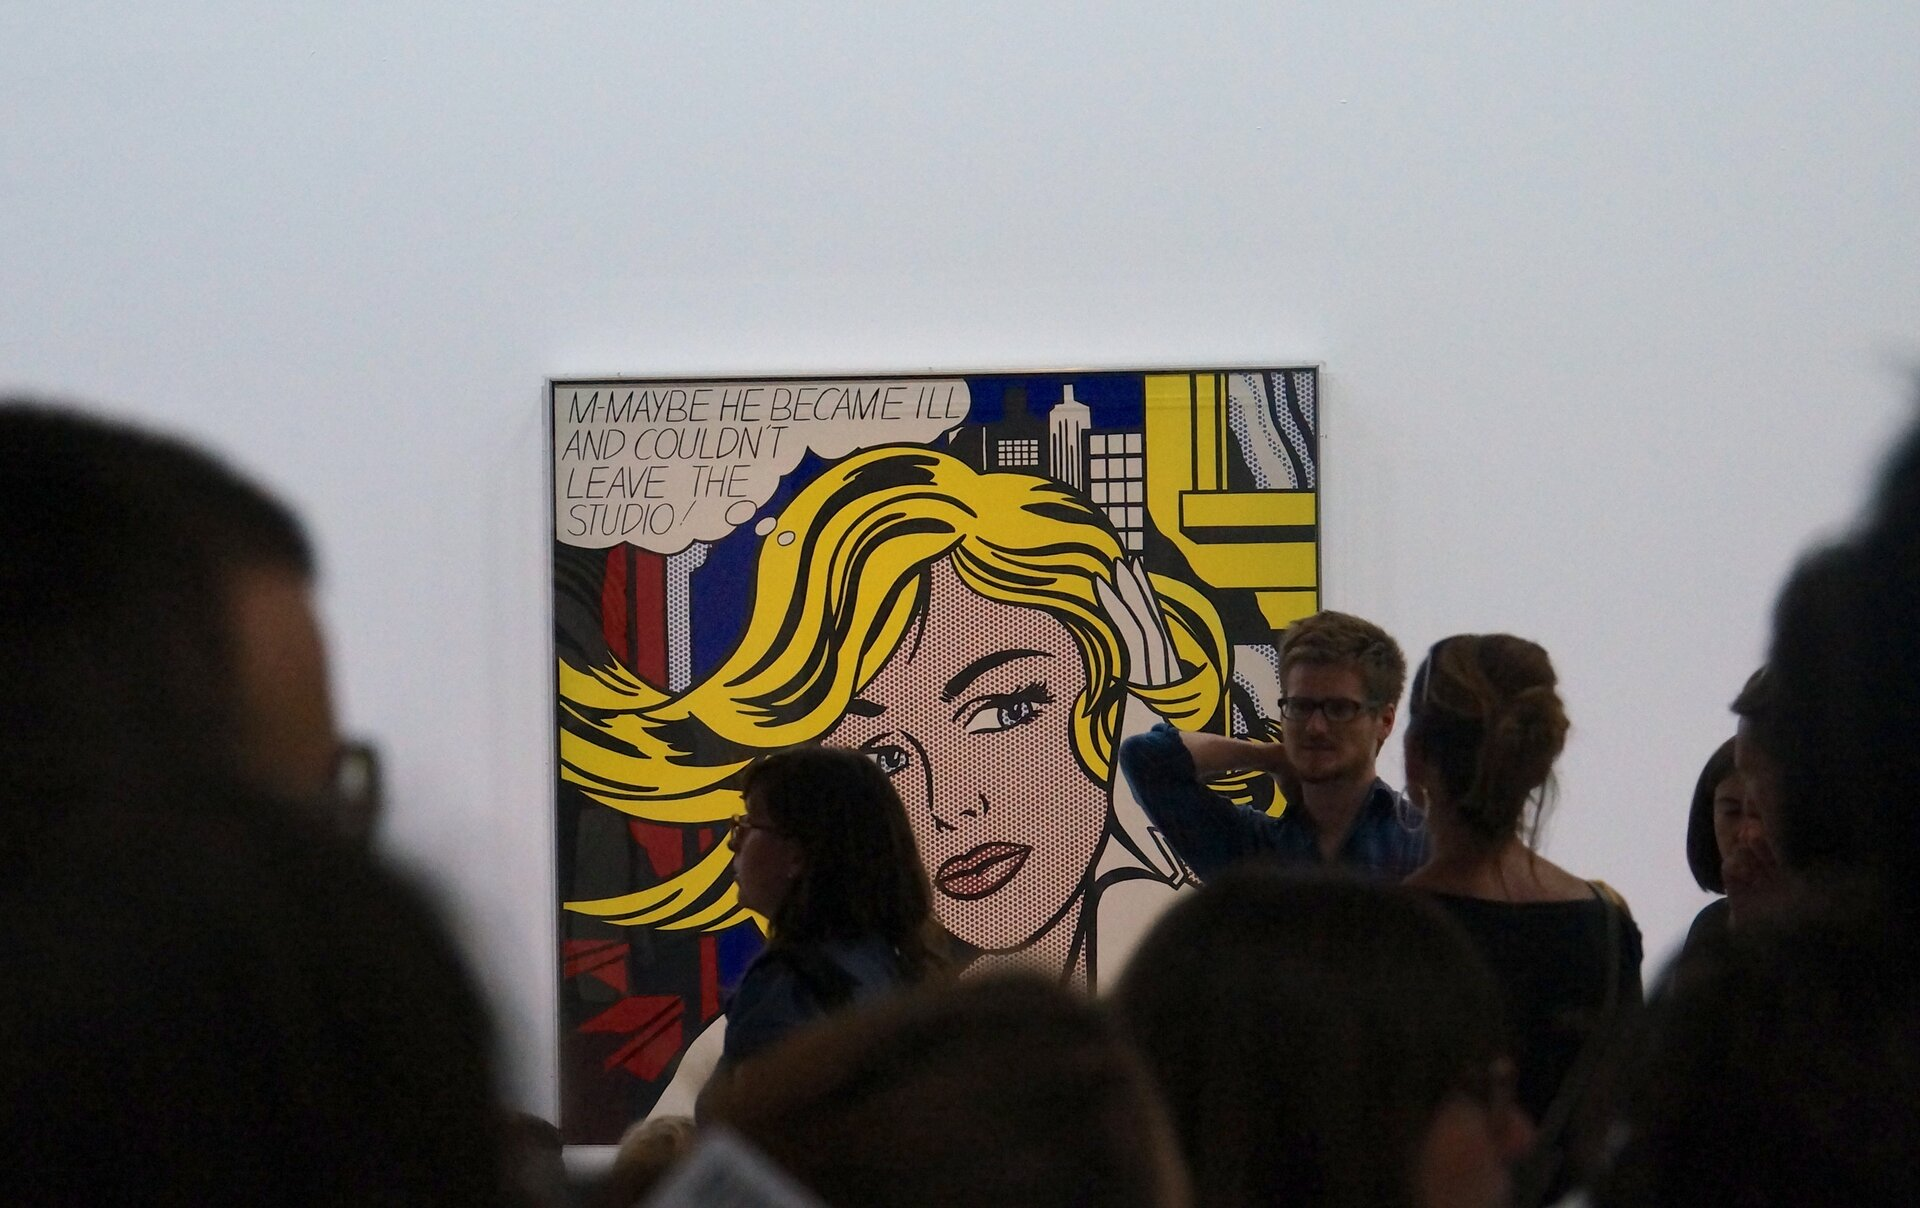 Ilustracja przedstawiająca ludzi wgalerii sztuki oglądajacych obraz inspirowany komiksem na którym jest blond kobieta.